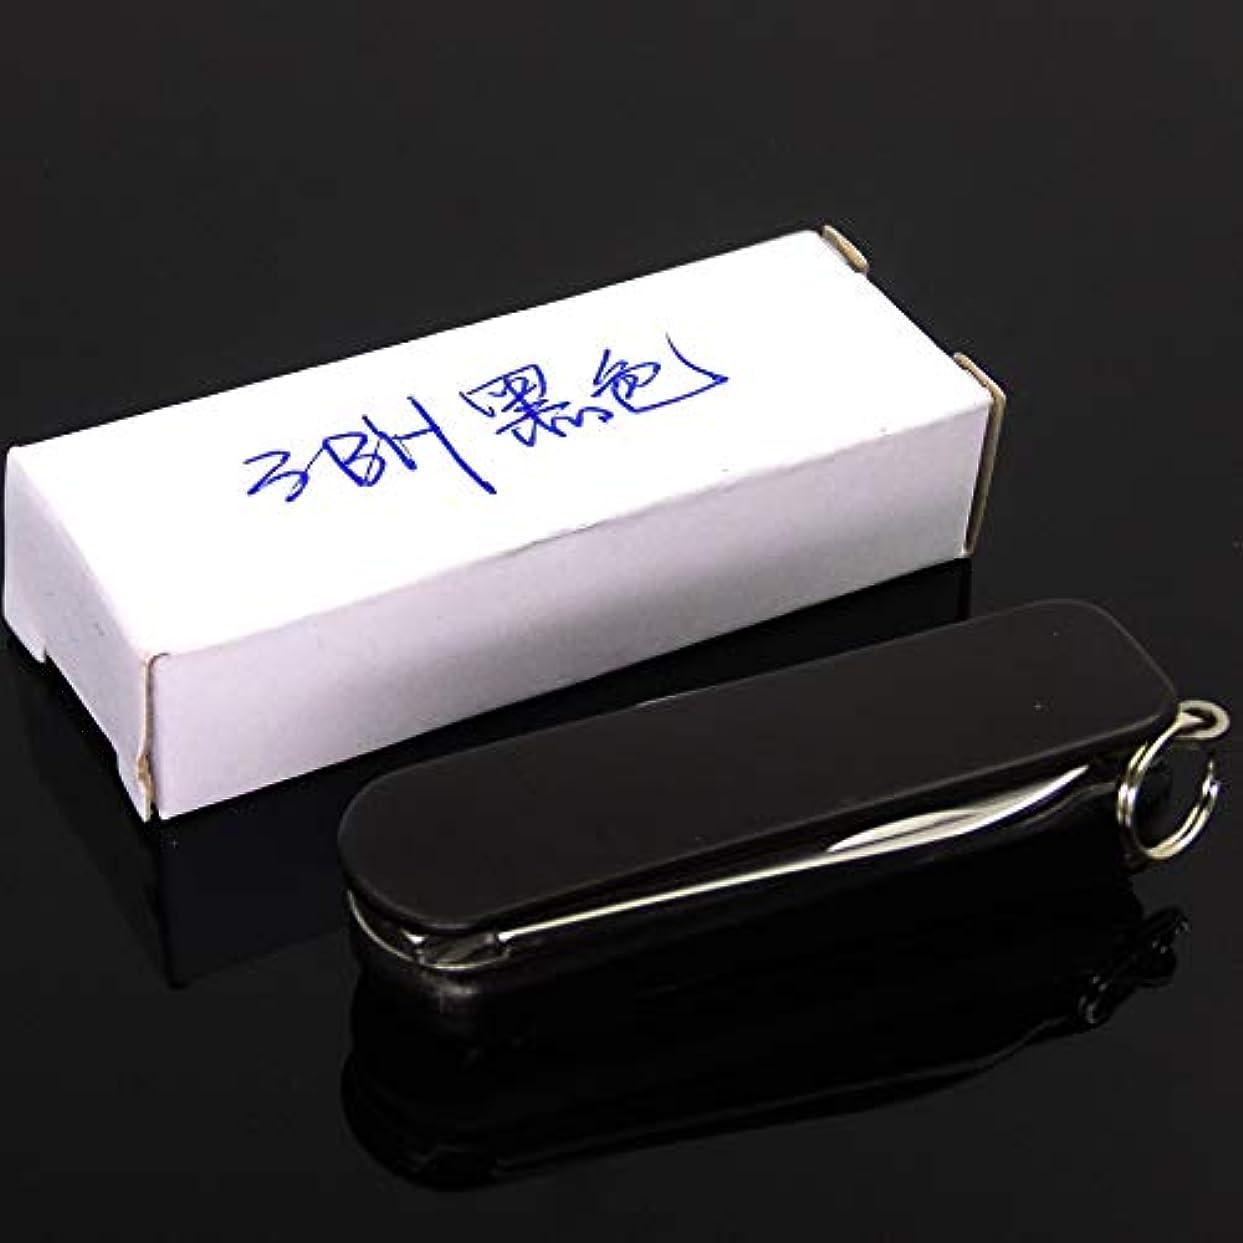 石のラメ卒業記念アルバム爪切り多機能ギフト爪切り爪 3BHブラック